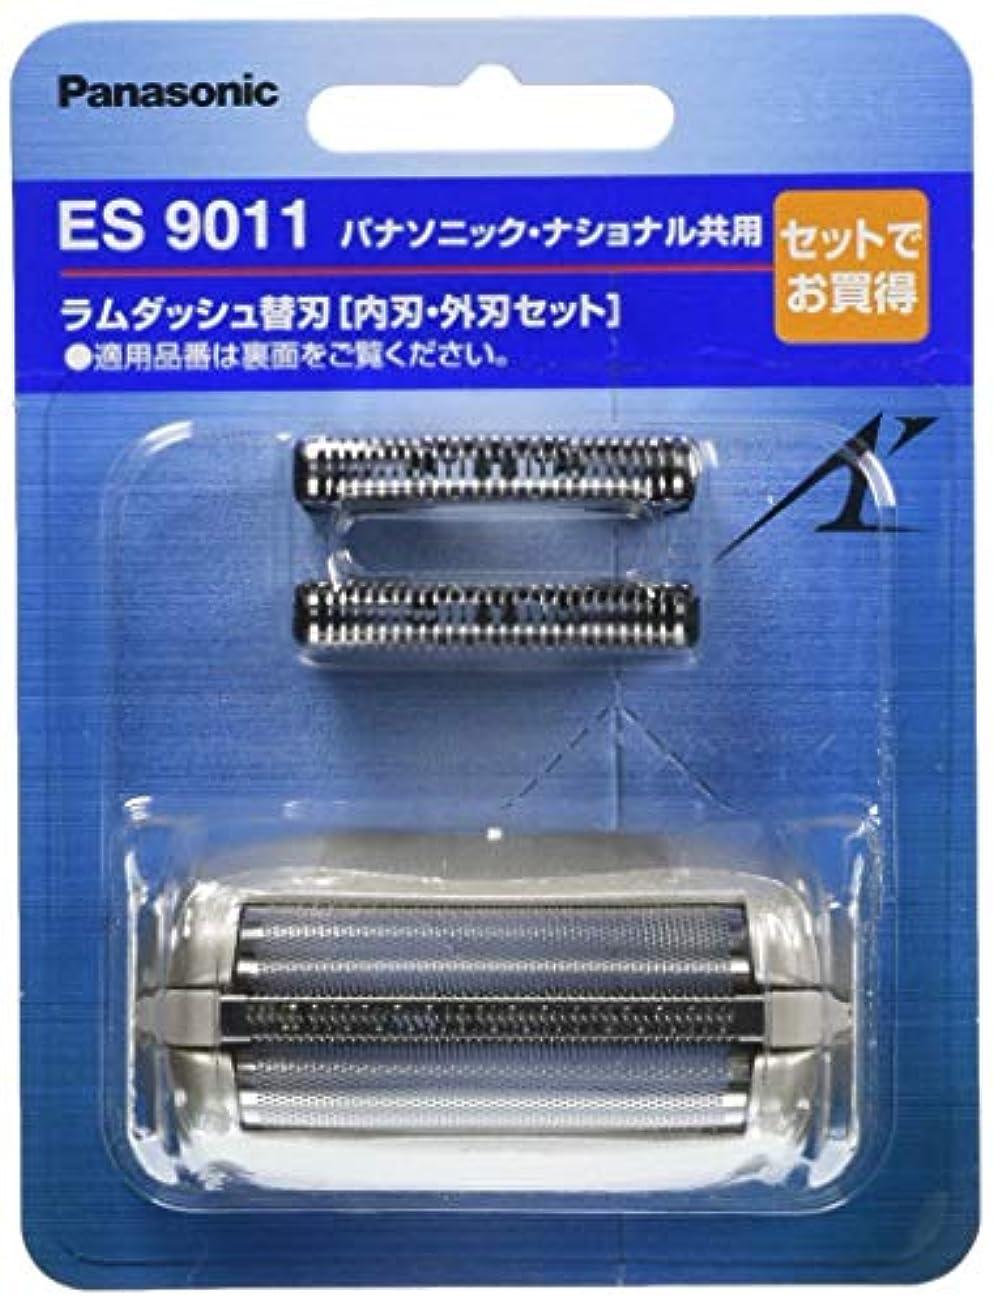 知り合いになる散らす歯車パナソニック 替刃 メンズシェーバー用 セット刃 ES9011